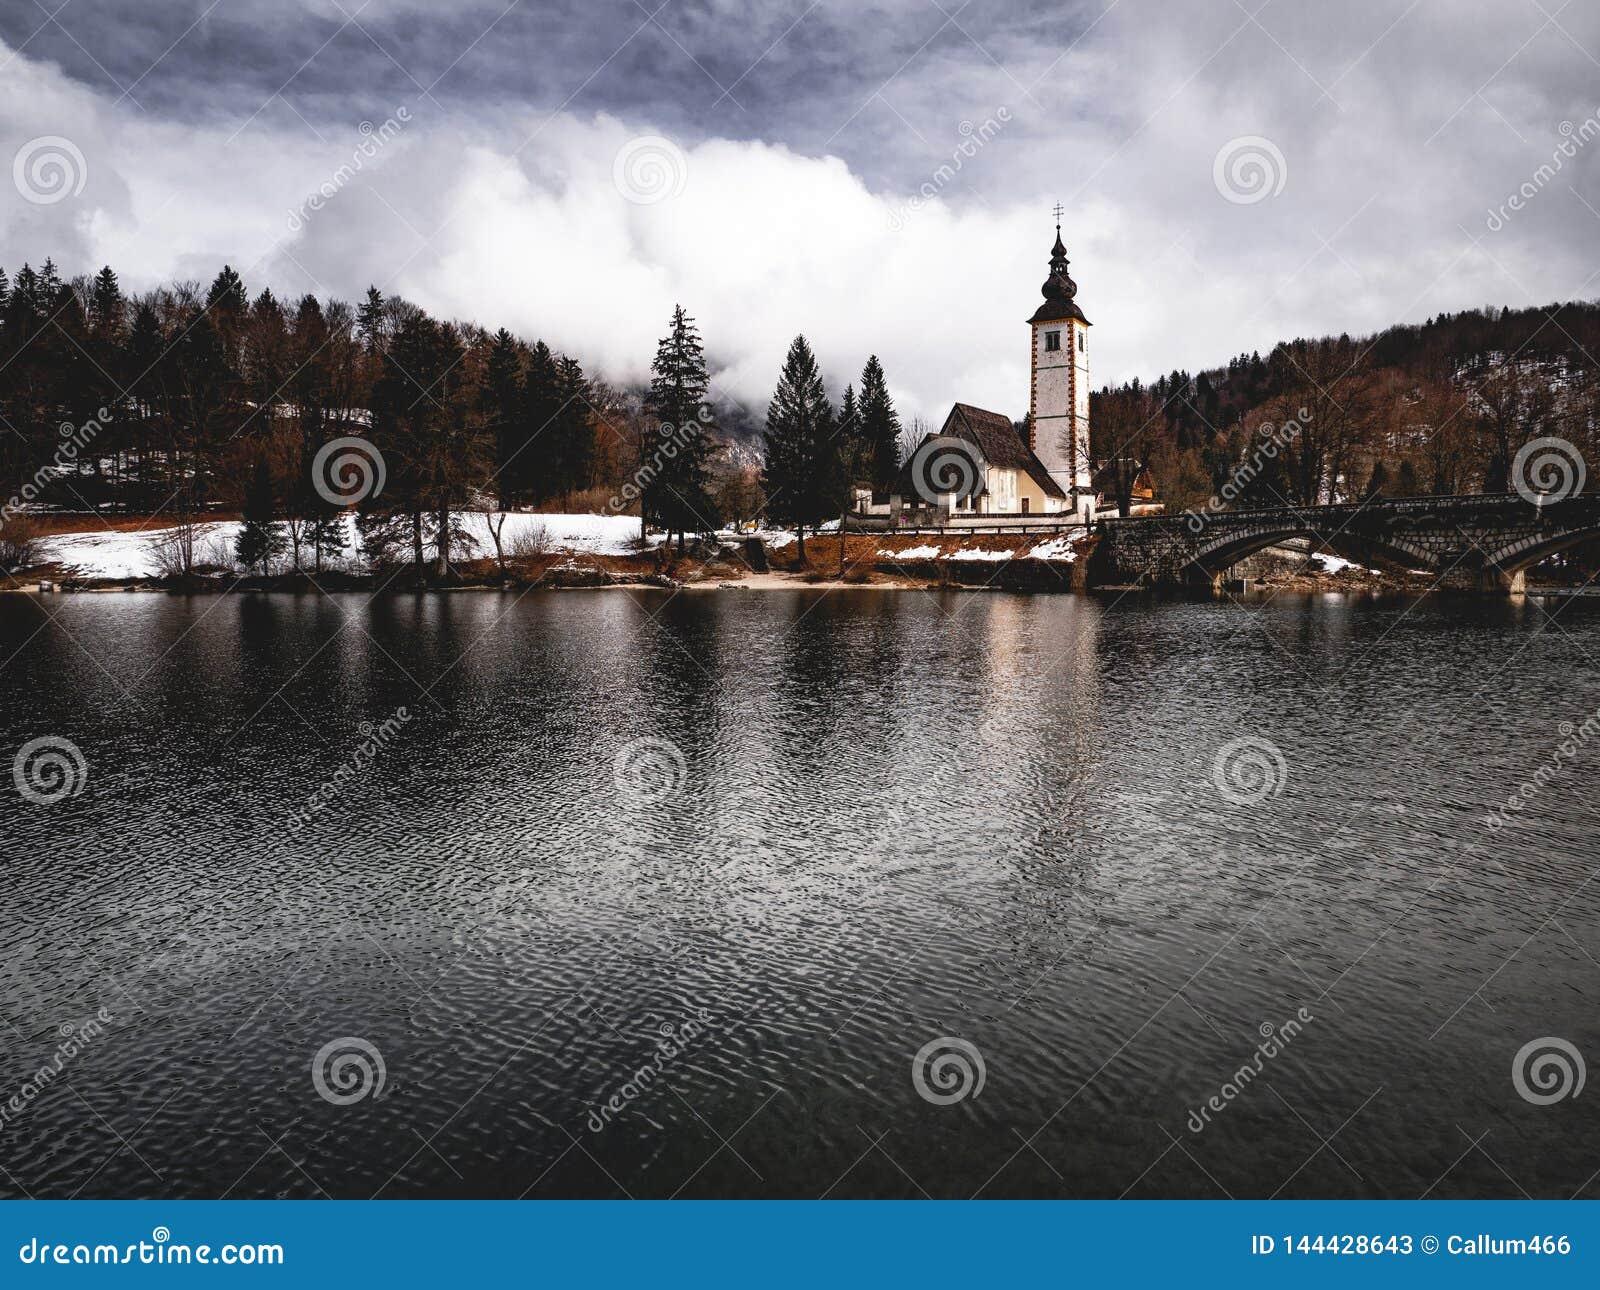 湖边教会有树木繁茂的背景